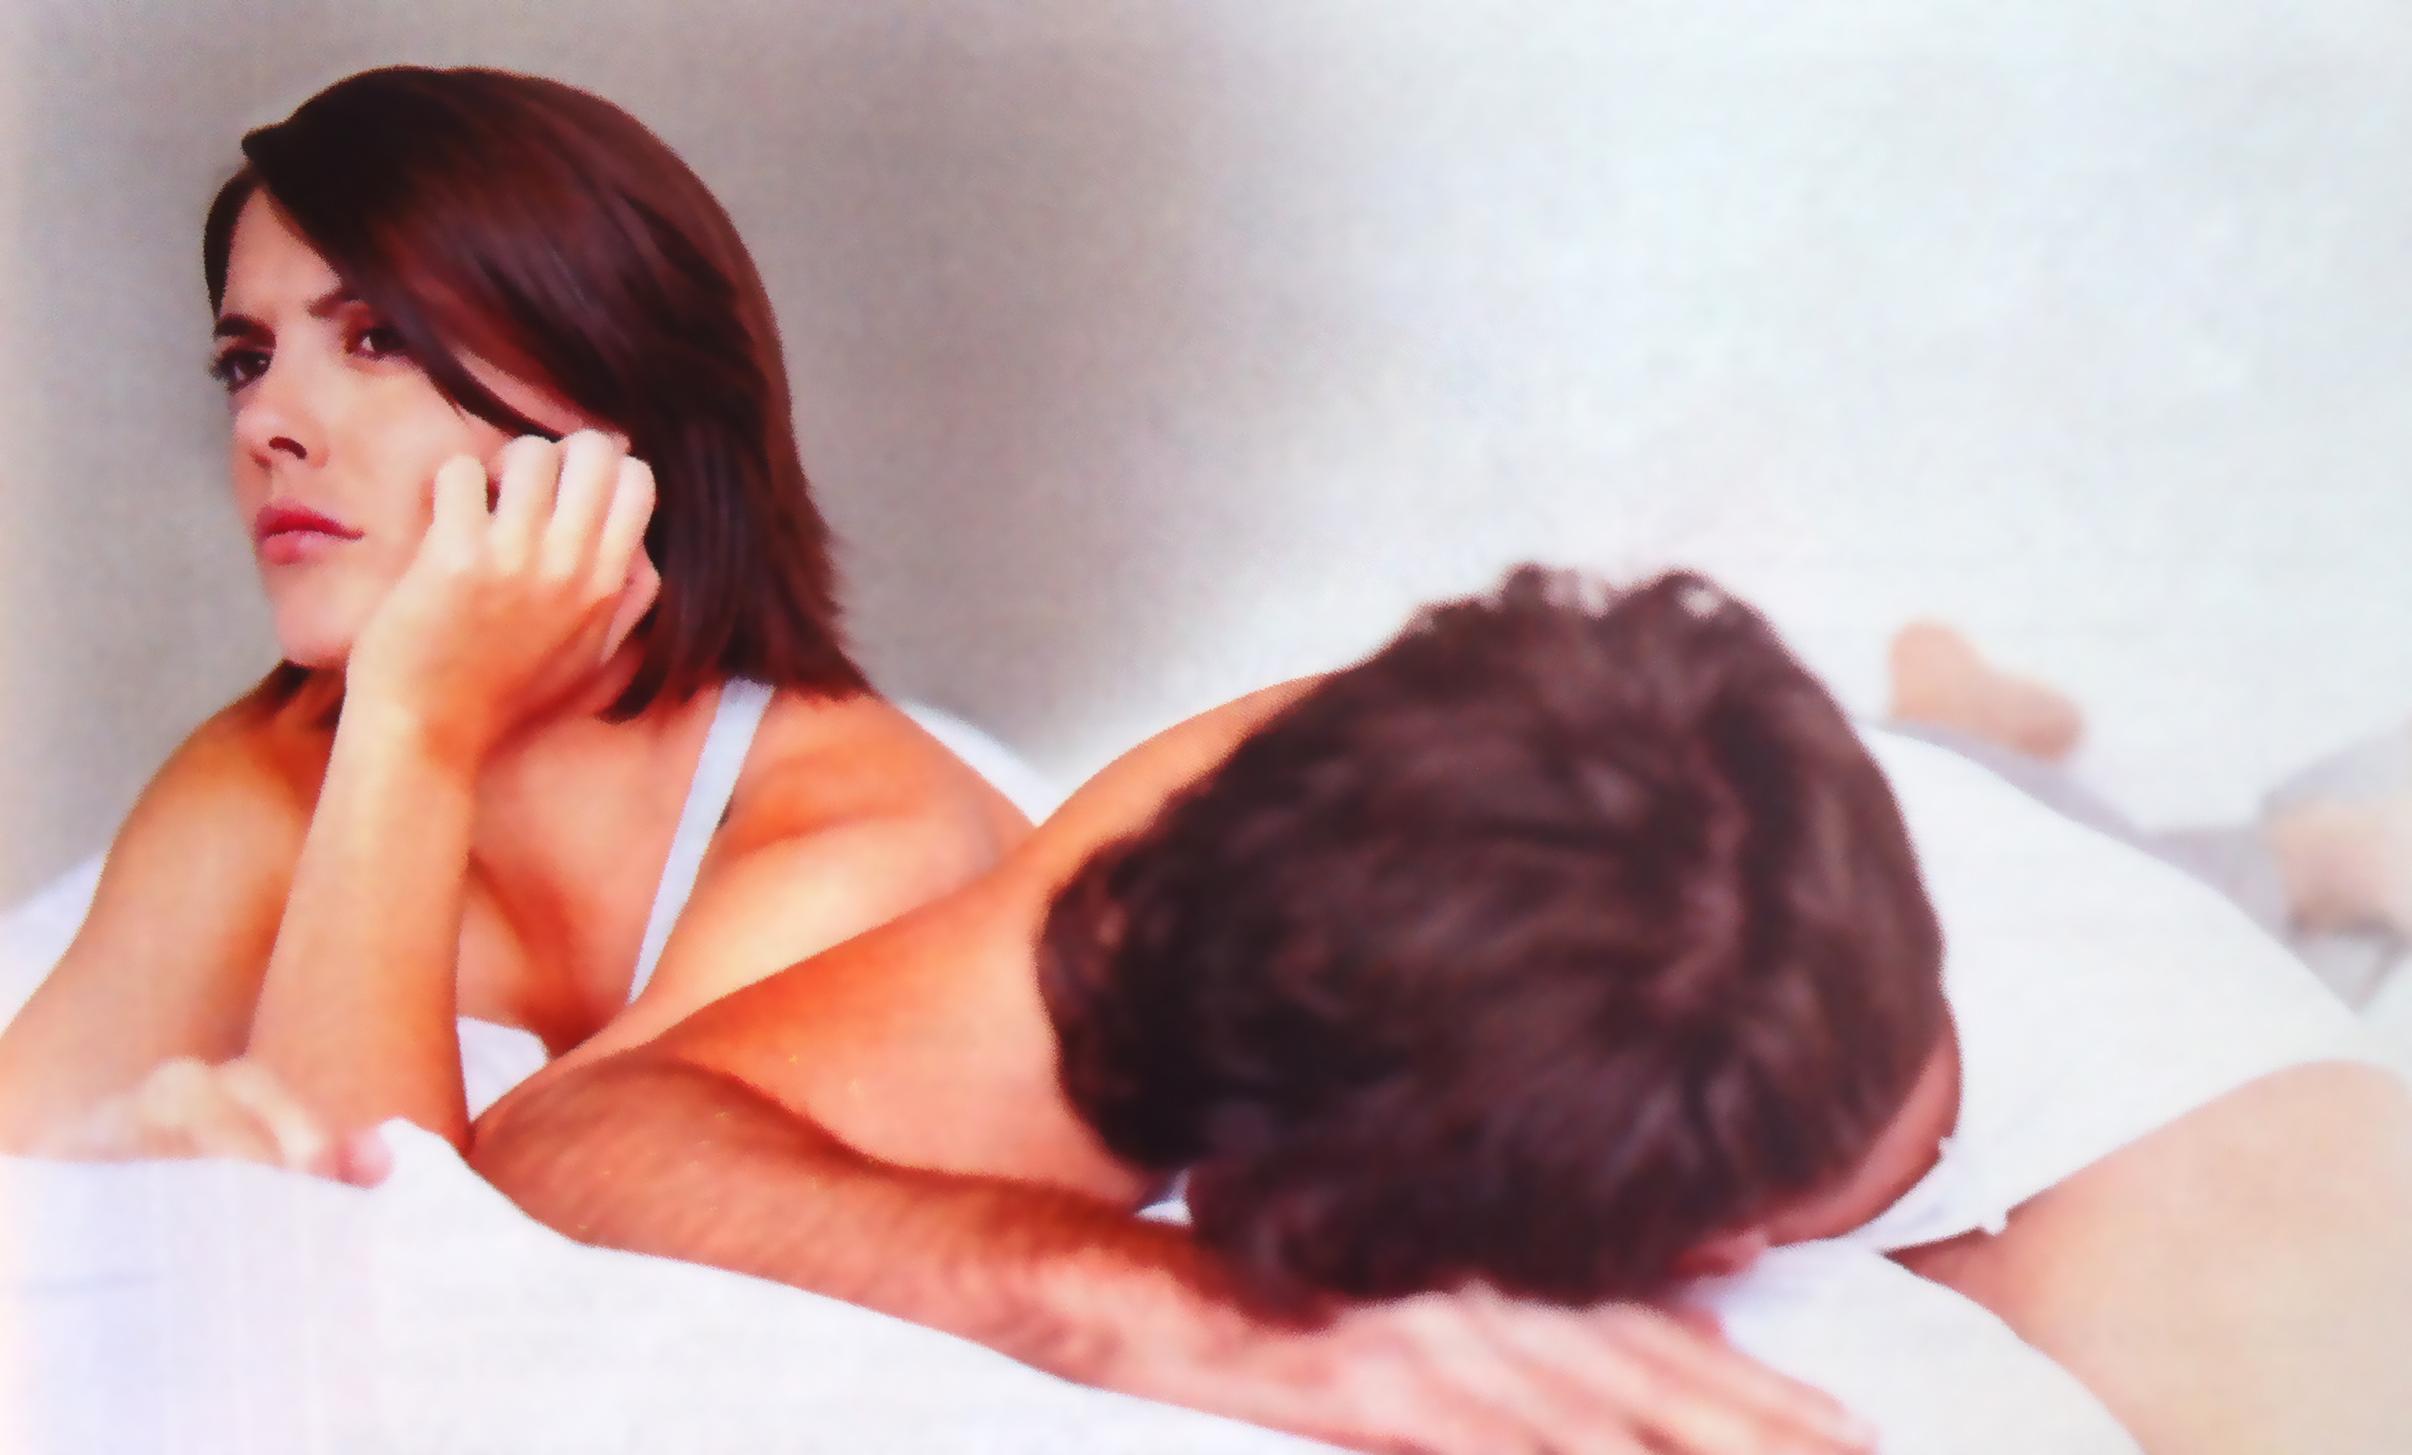 Муж не хочет жену после родов причины угасания страсти